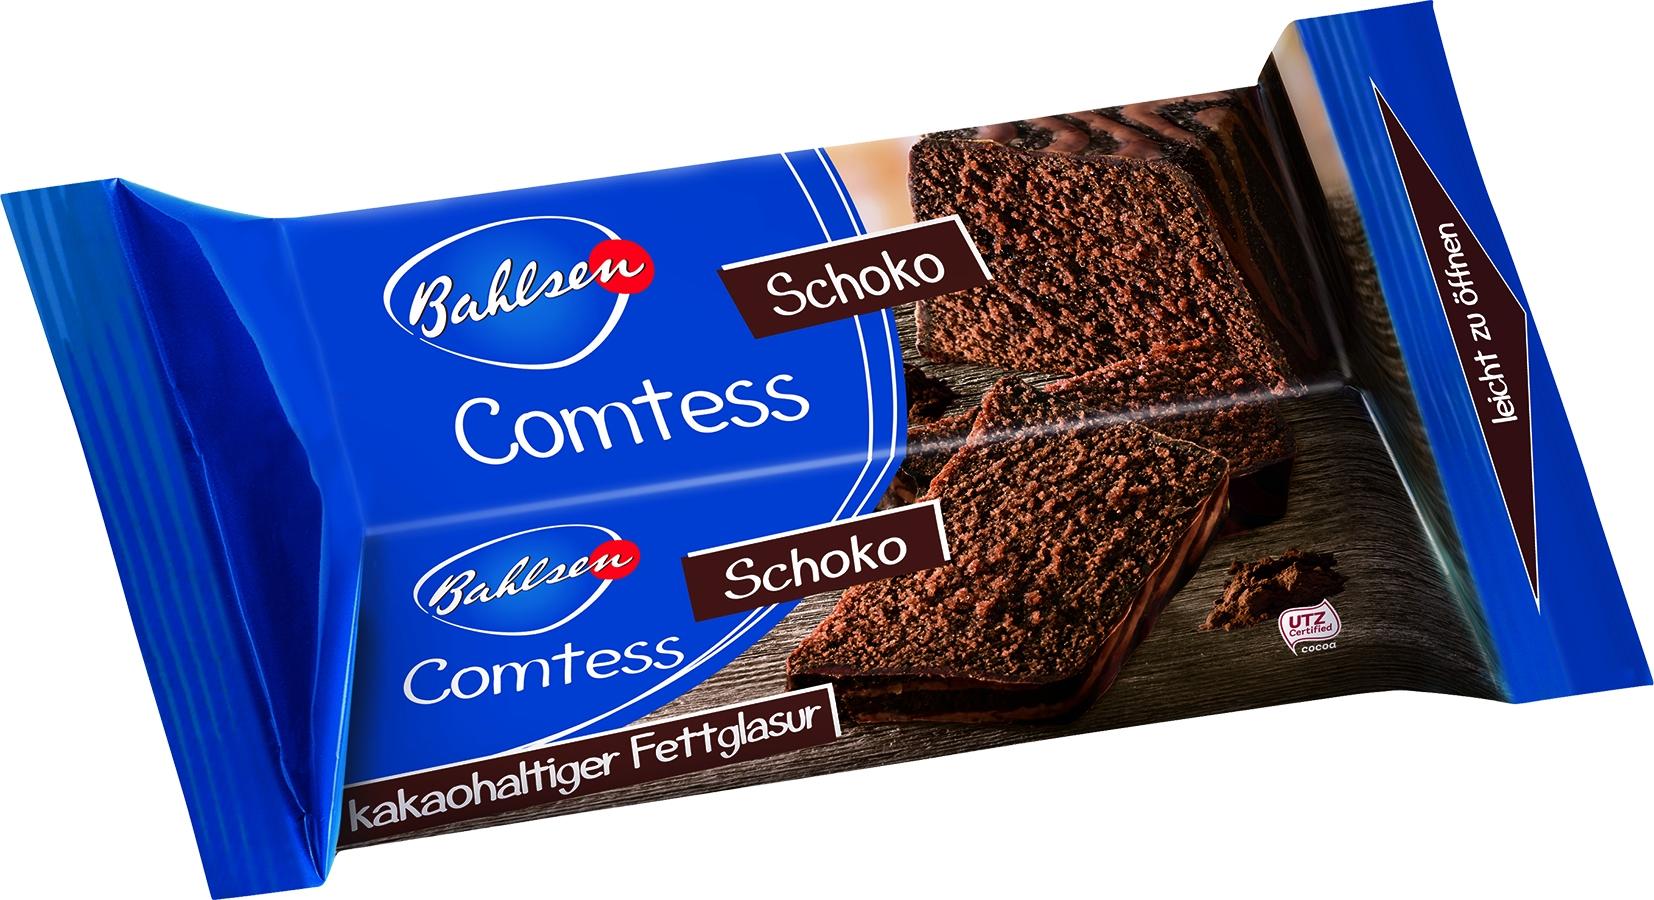 Comtess Schokokuchen